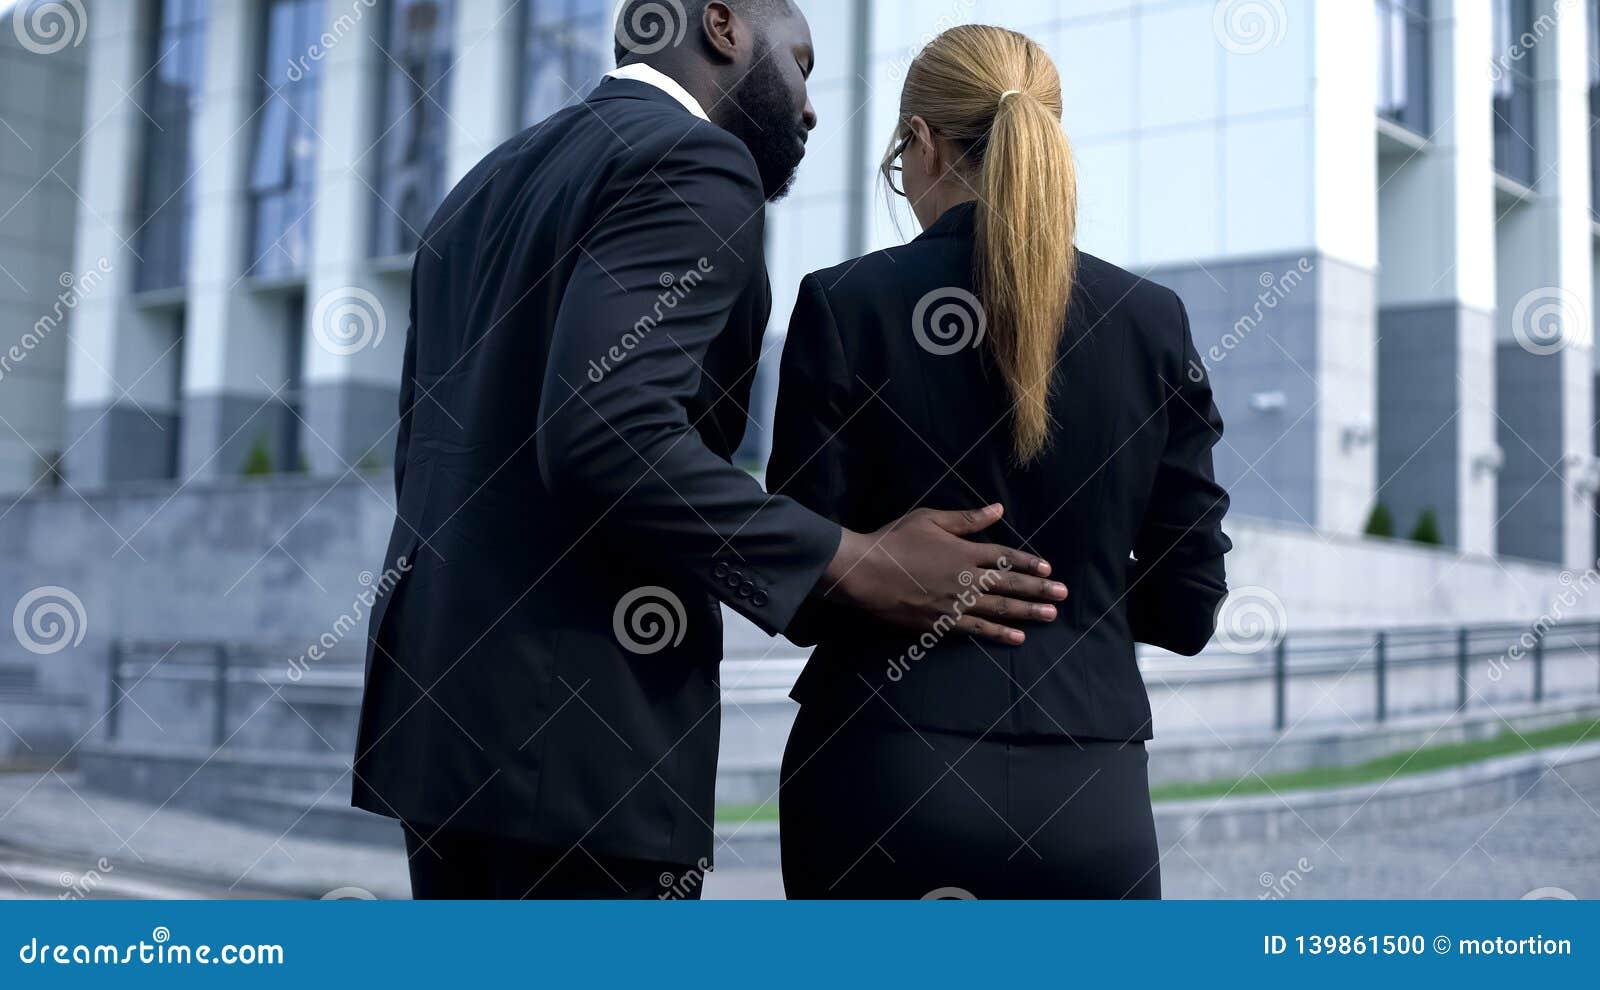 Сексуальные домогательства бизнес-леди на рабочем месте, боссе поступают insultingly